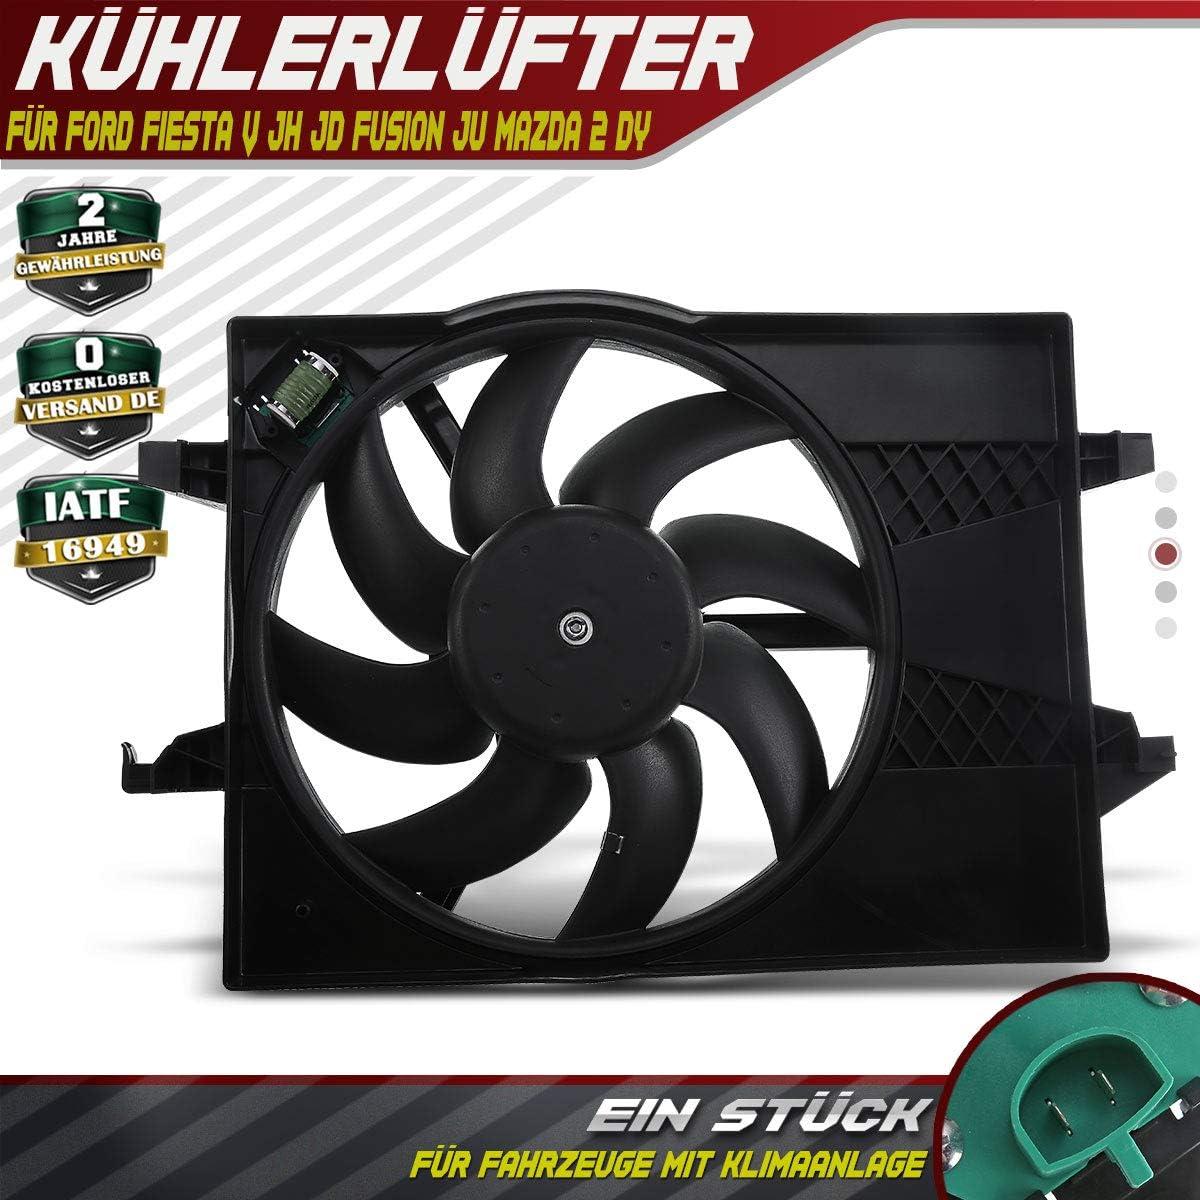 Ventilador de refrigeración del motor de 2 polos 250 W para 2 DY Fiesta V JH JD Fusion JU 2001-2012 1495676